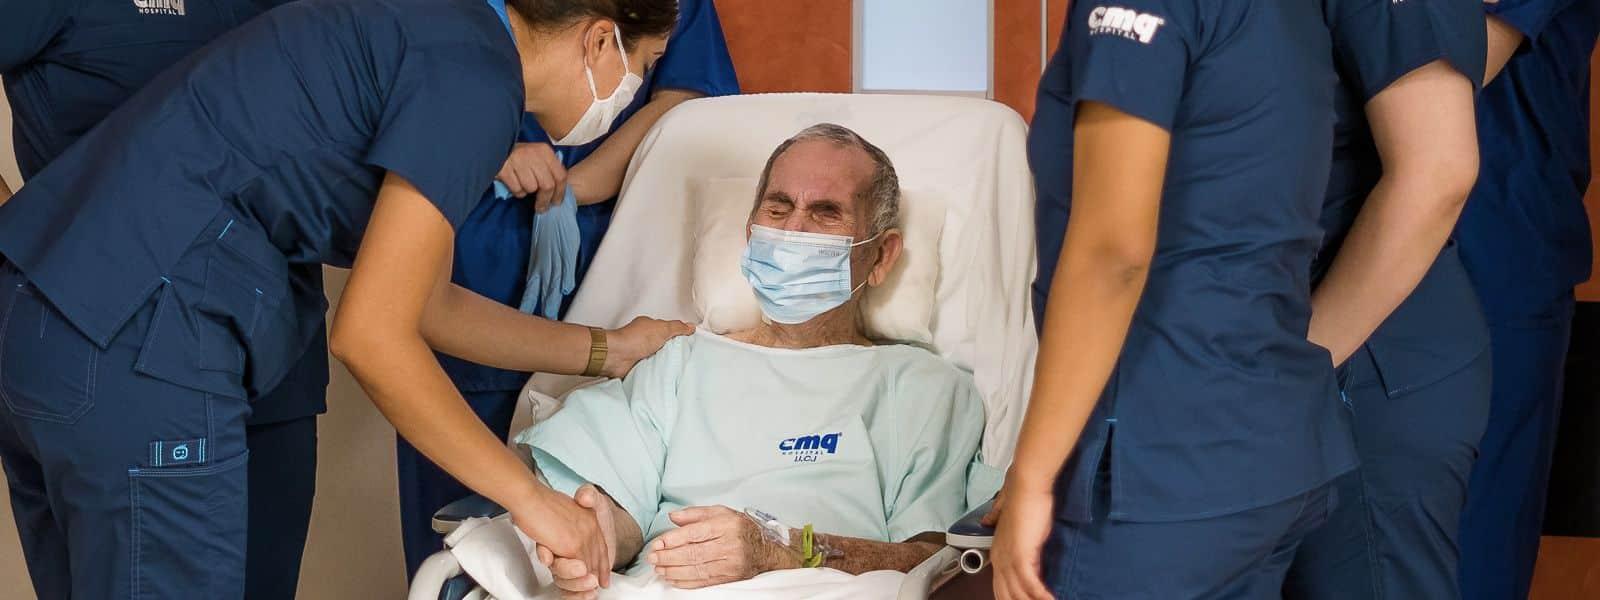 Paciente de 73 años con COVID-19 es atendido con éxito en Hospitales CMQ